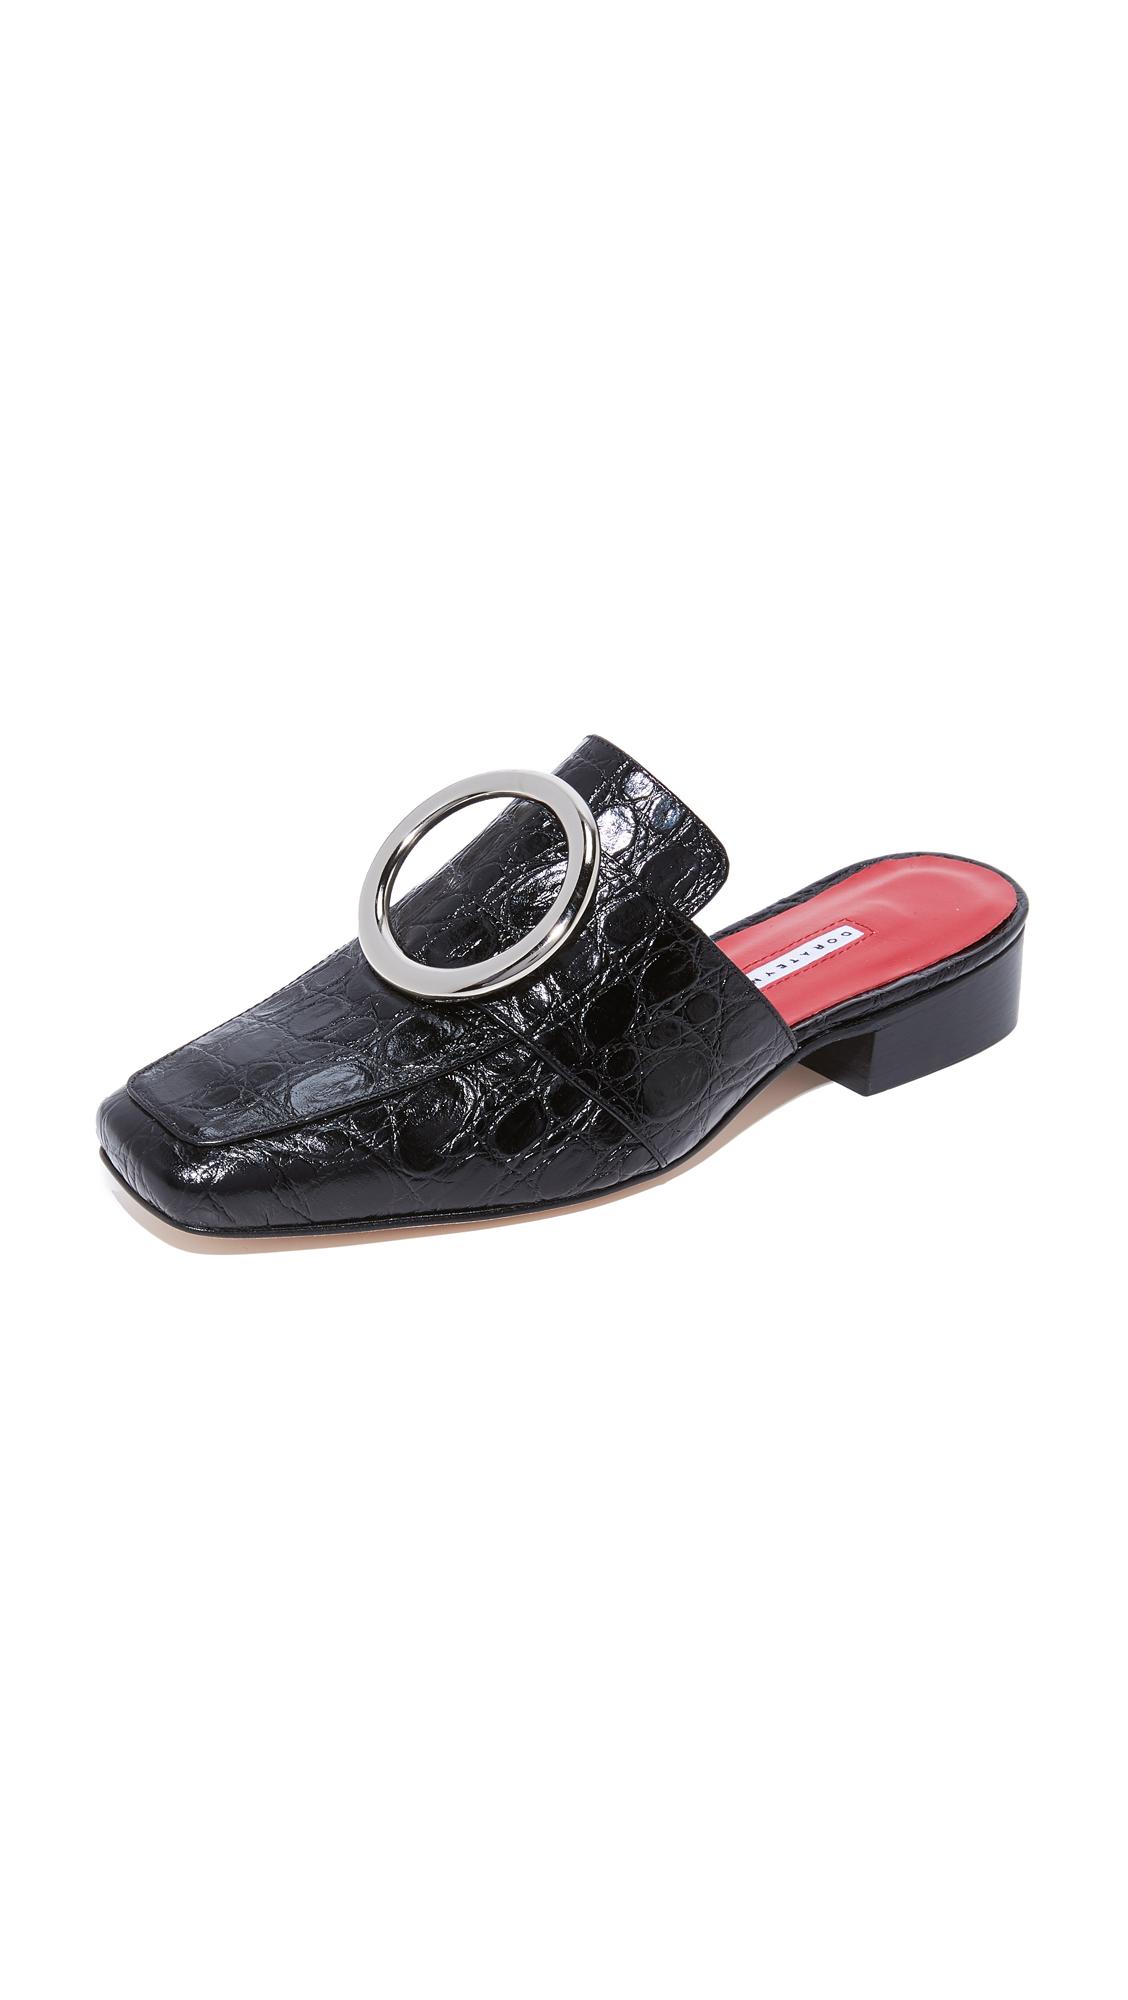 Dorateymur Petrol Mules - Black at Shopbop